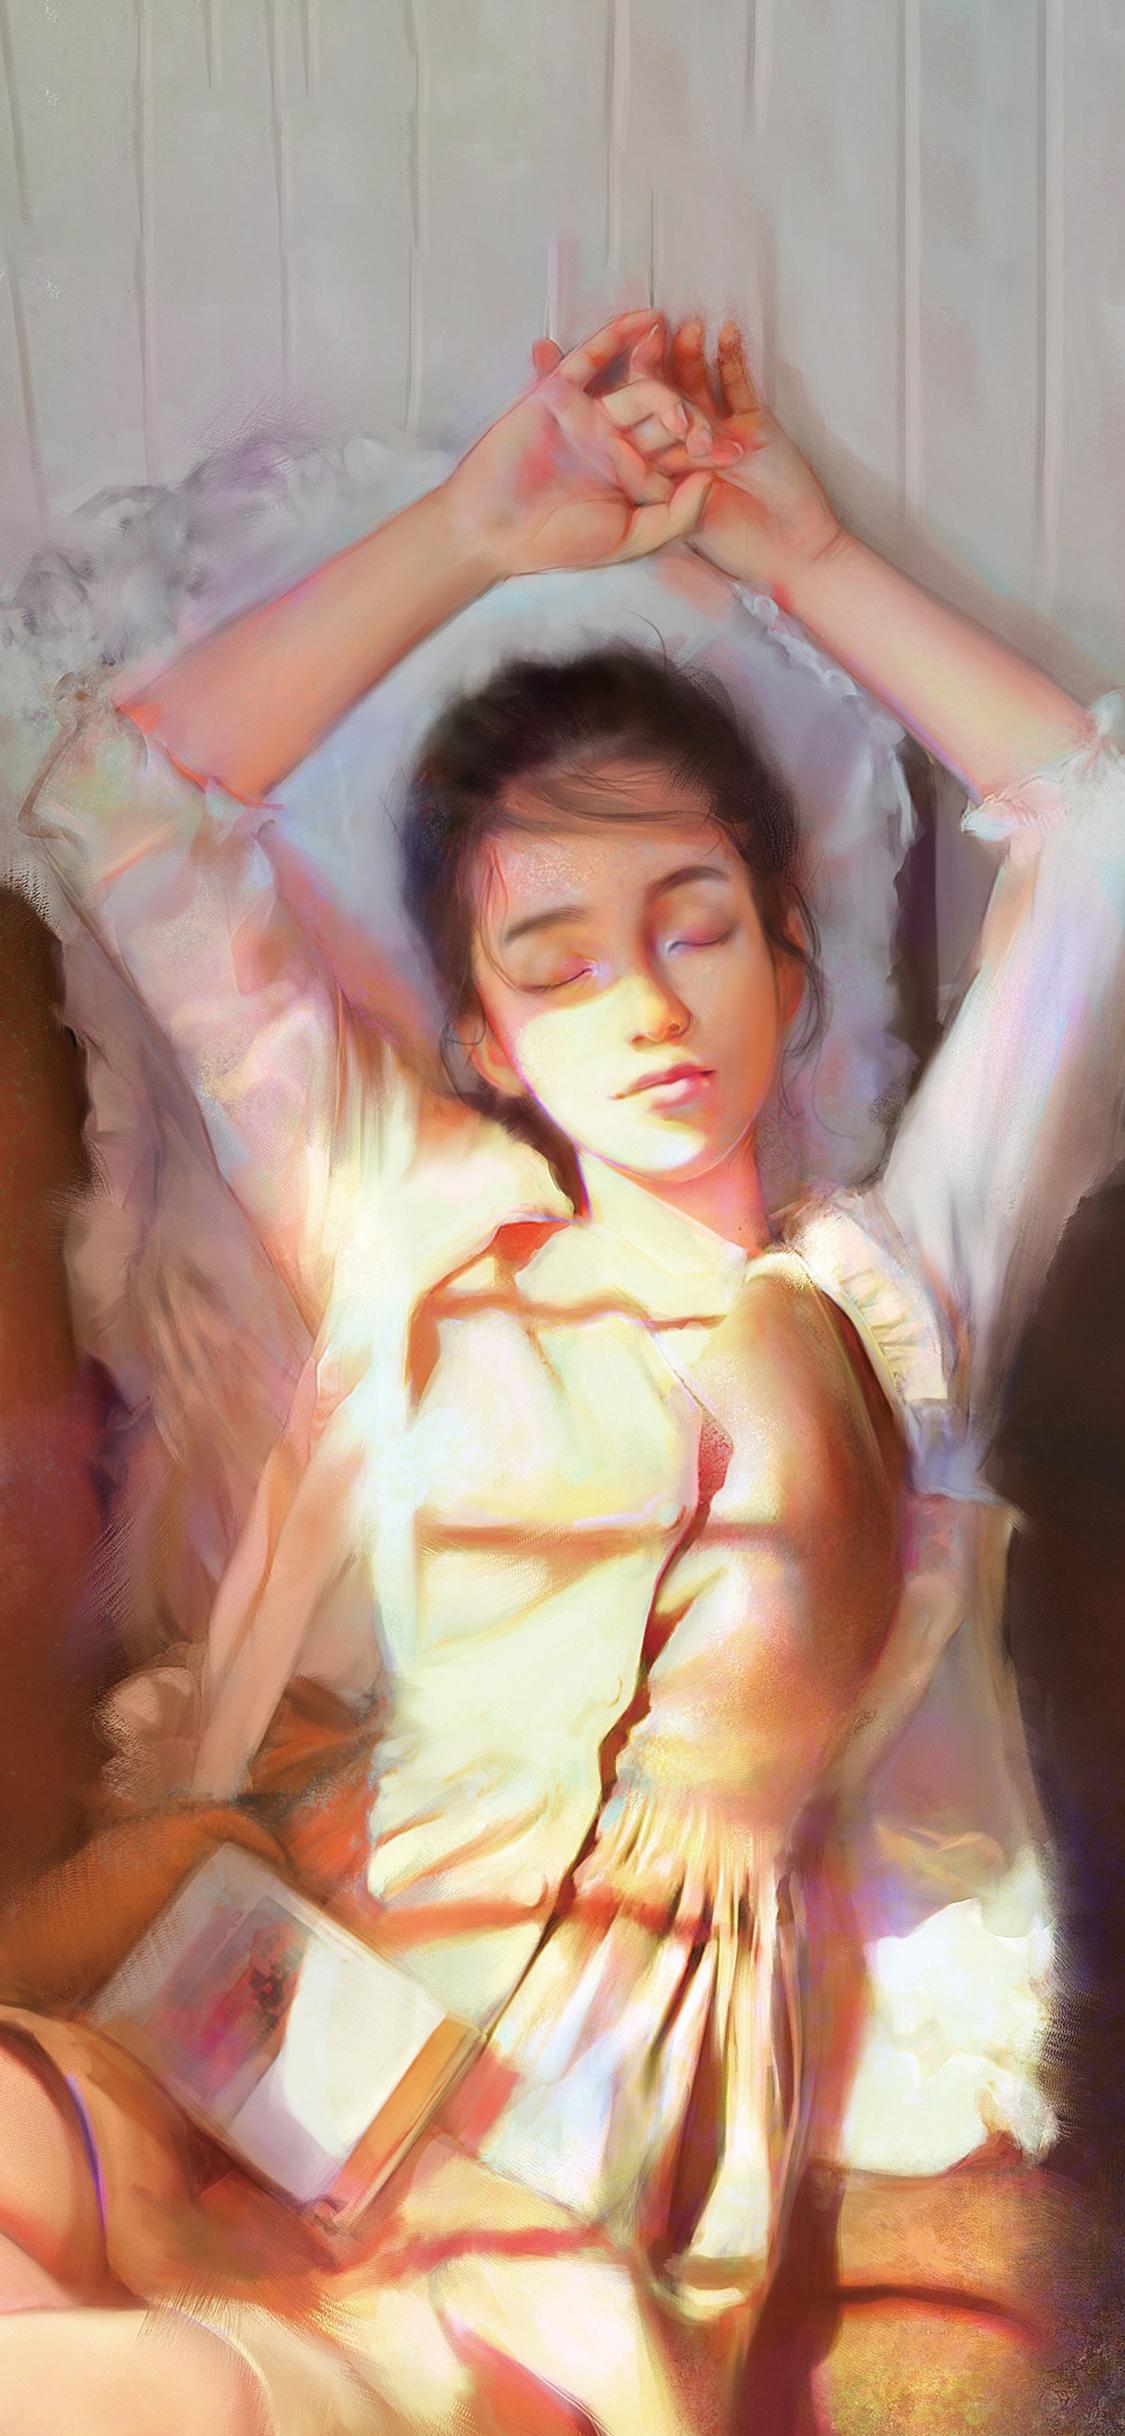 值得收藏的晚安心语说说,写进了心窝,填满了心间